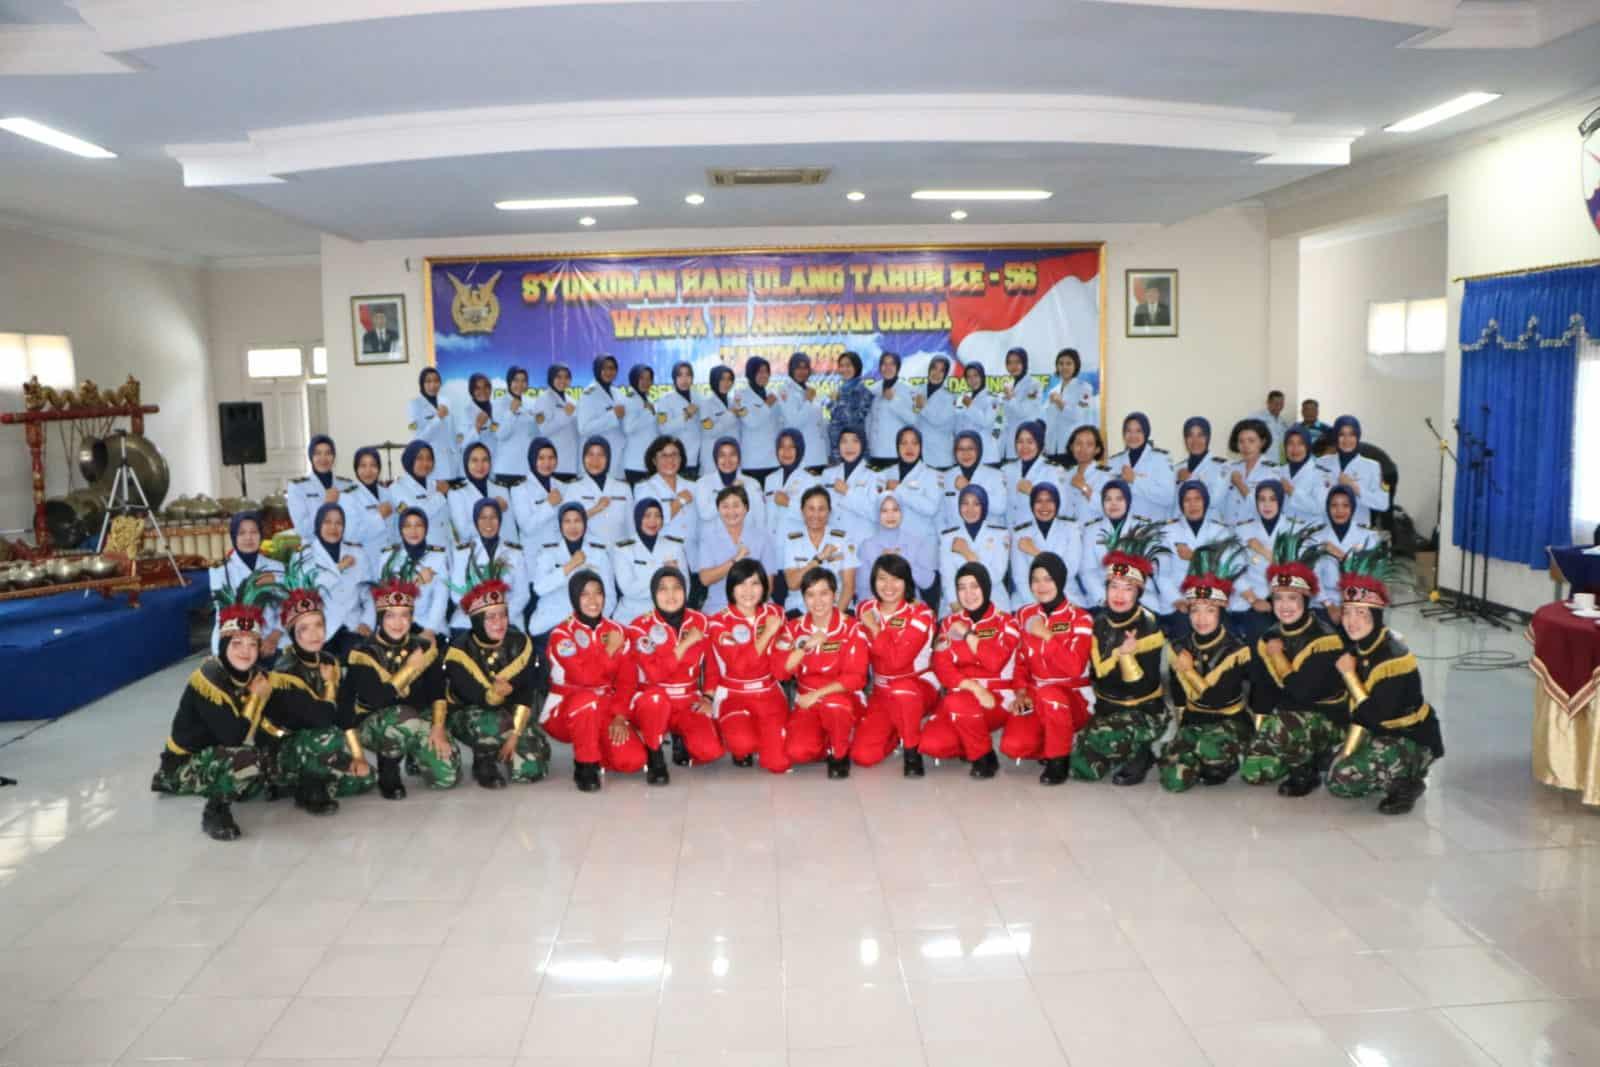 Wanita Angkatan Udara Peringati HUT Ke-56 di Lanud Adi Soemarmo